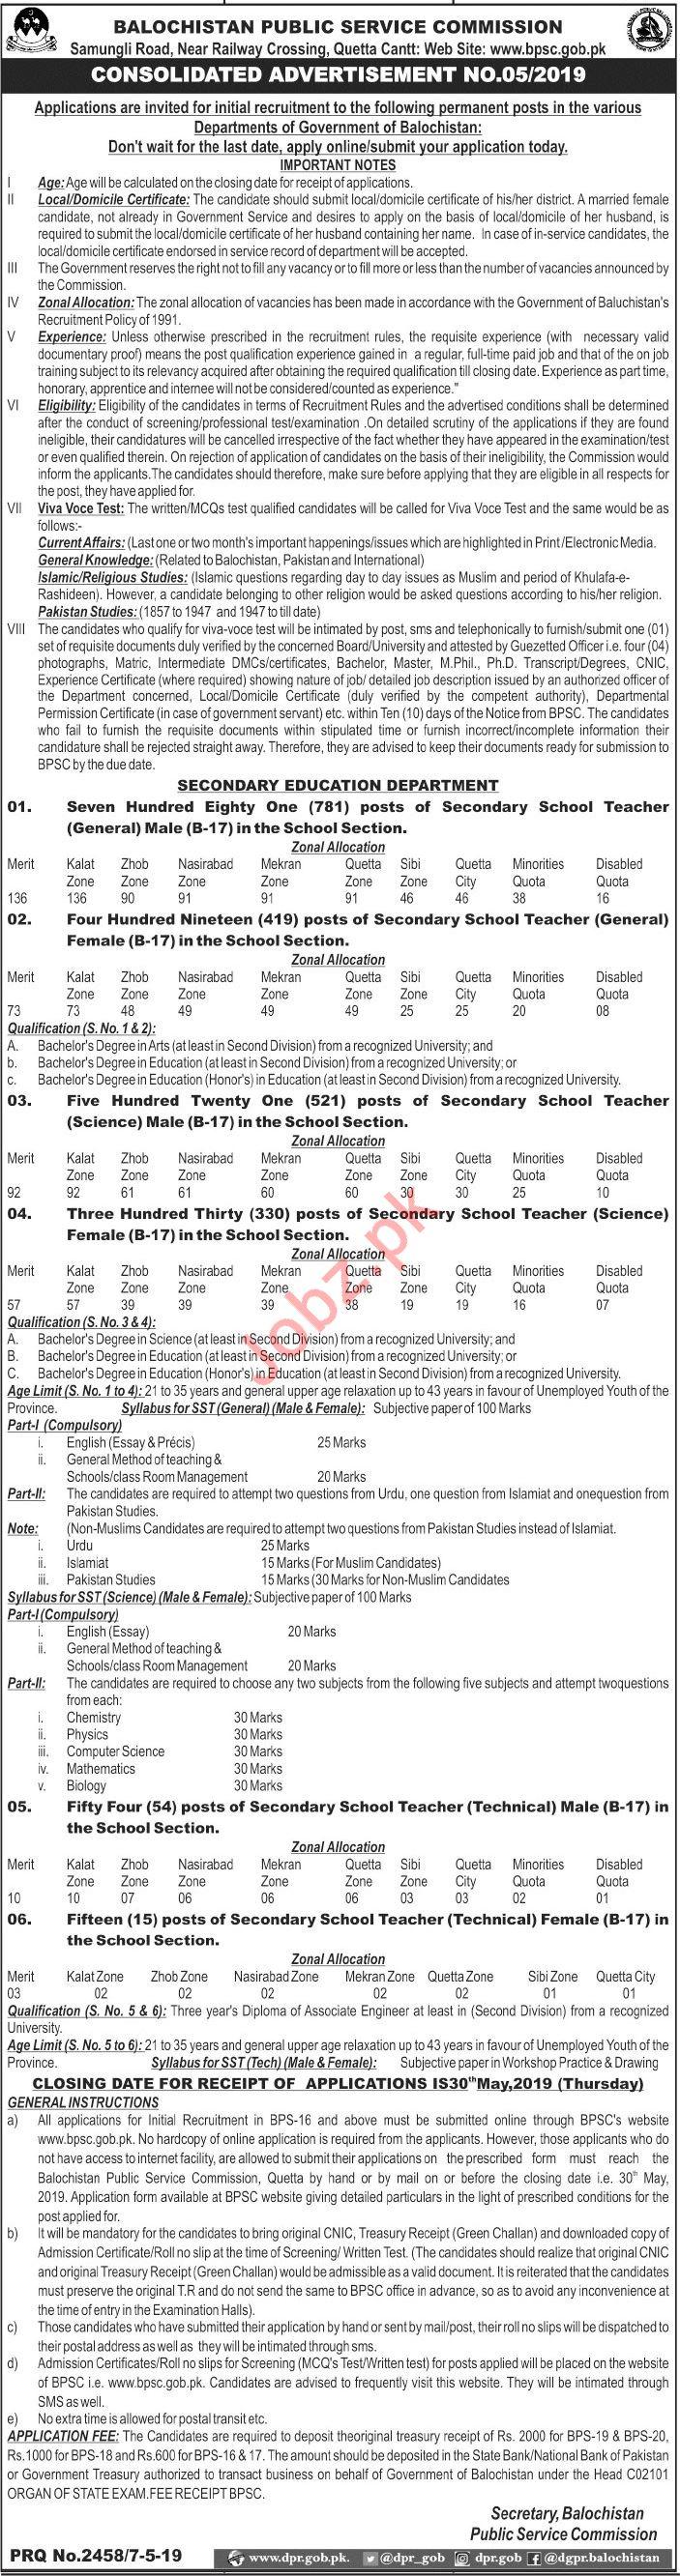 BPSC Jobs 2019 For Secondary School Teachers